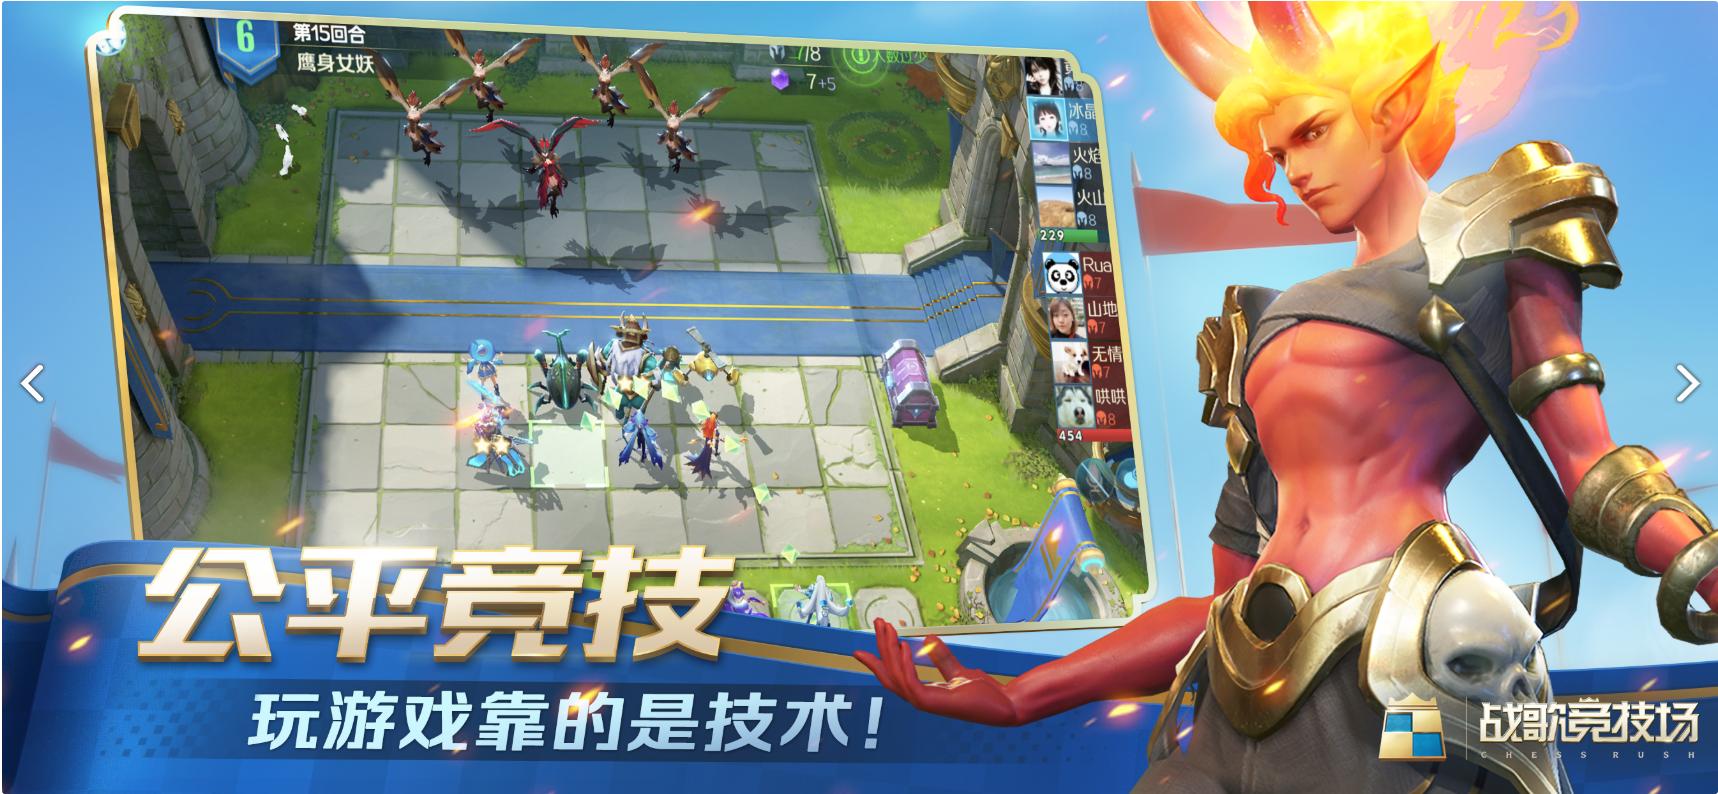 战歌竞技场龙骑士流派怎么玩 龙骑士流派玩法及阵容搭配详解